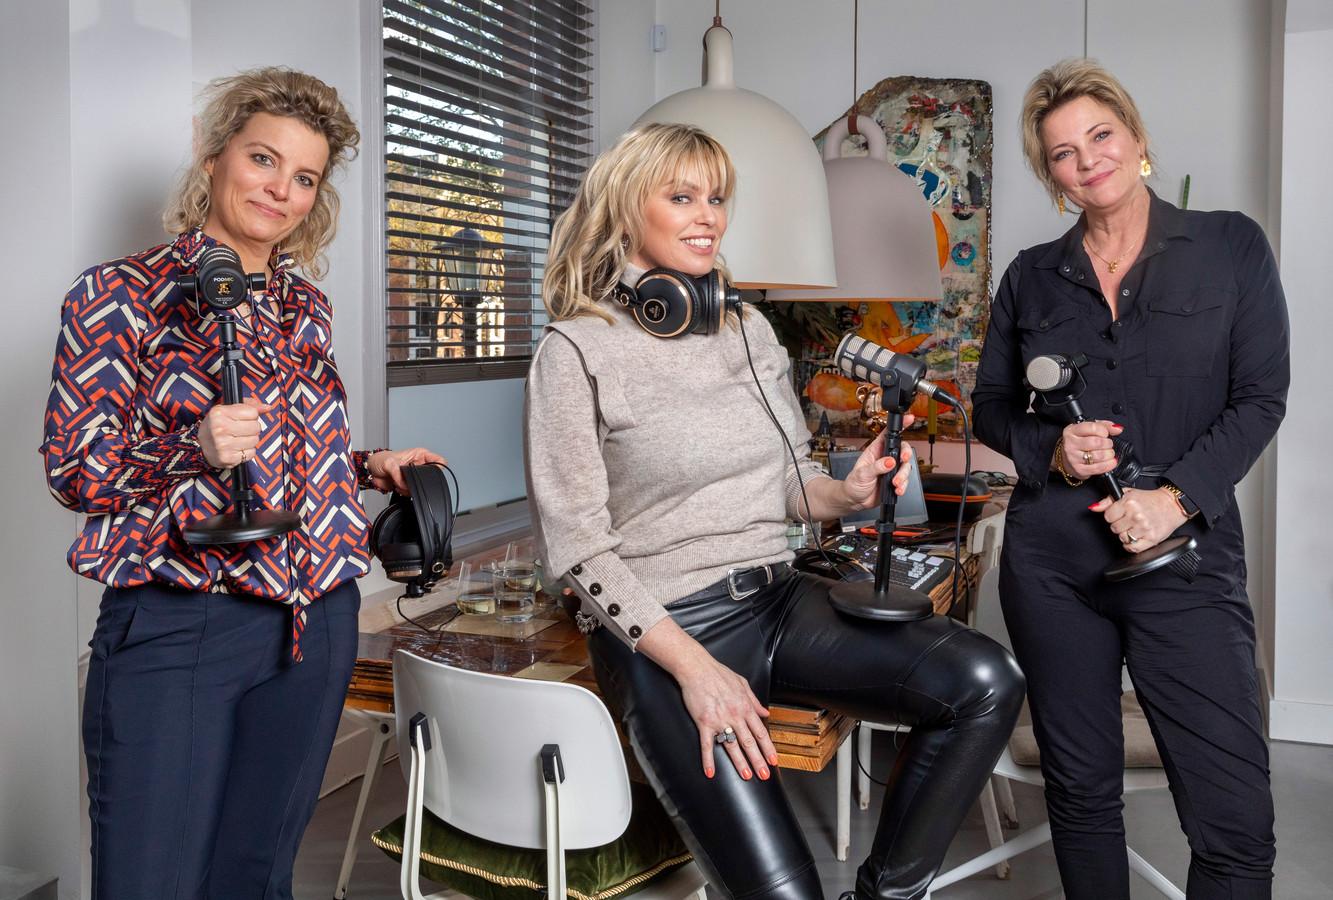 Nederland, Amsterdam Clarice Stenger, Bridget Maasland en Justine Marcella tijdens de opnames van hun nieuwe podcast.